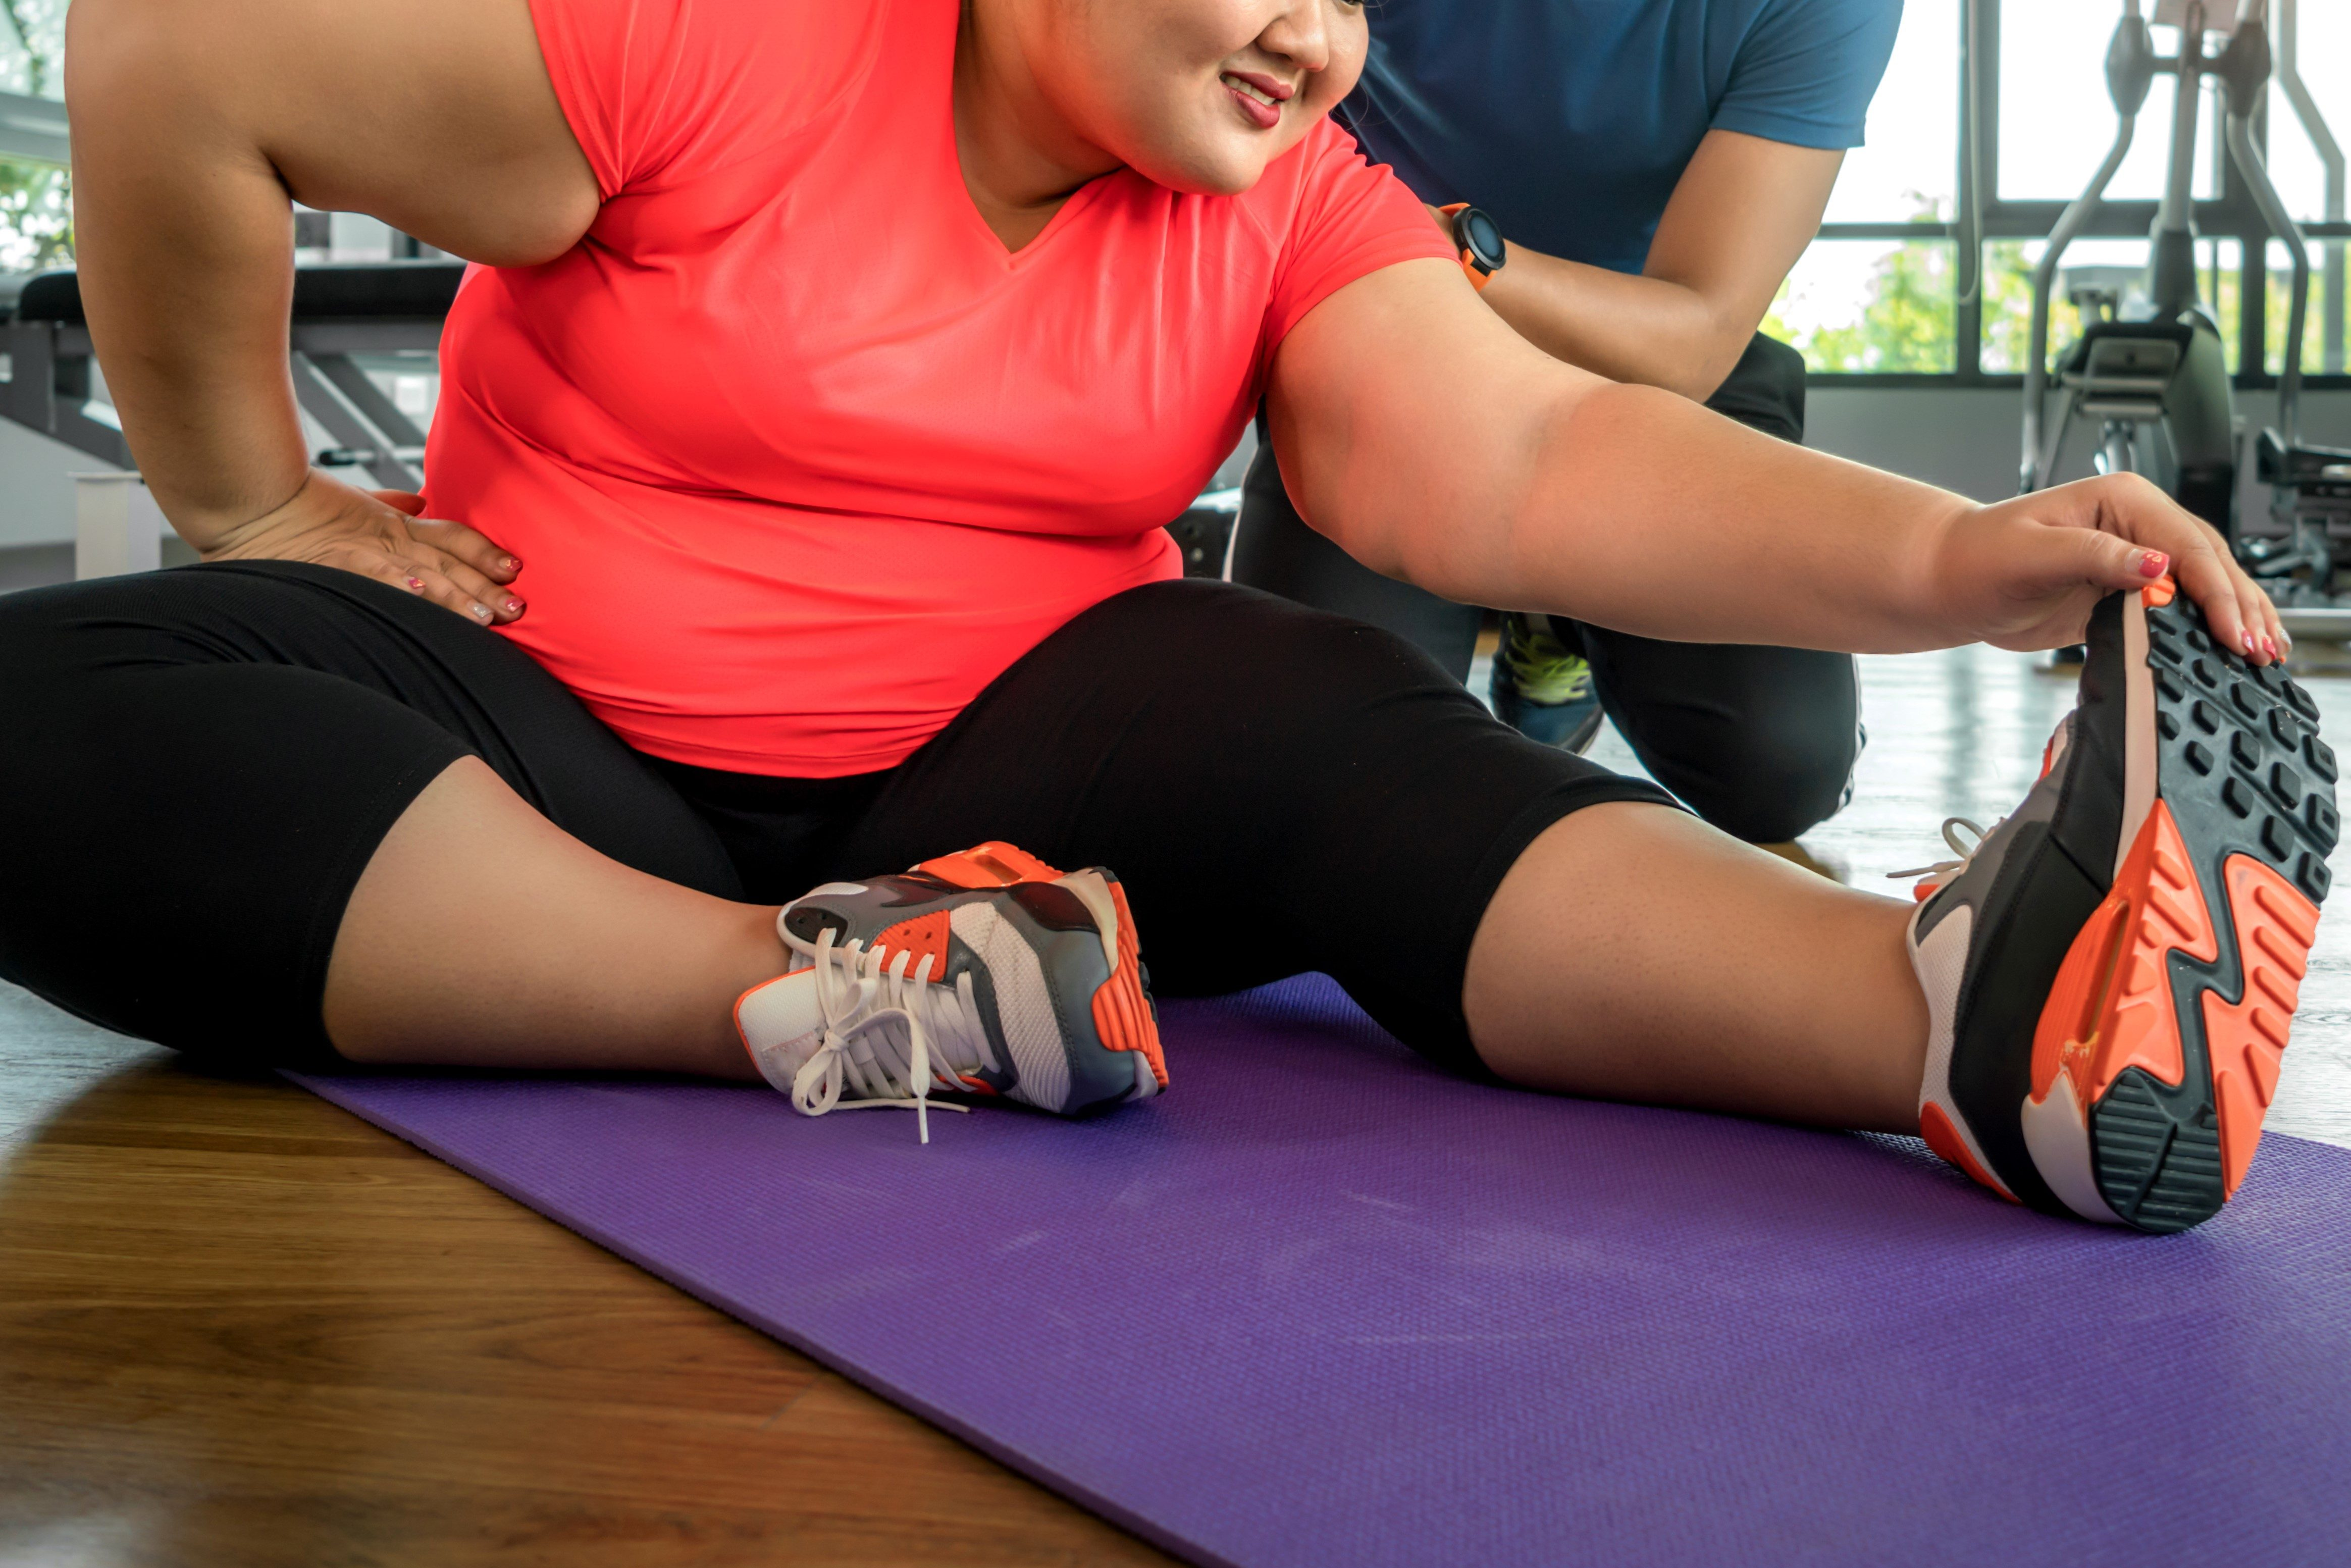 肥満女性・トレーナー